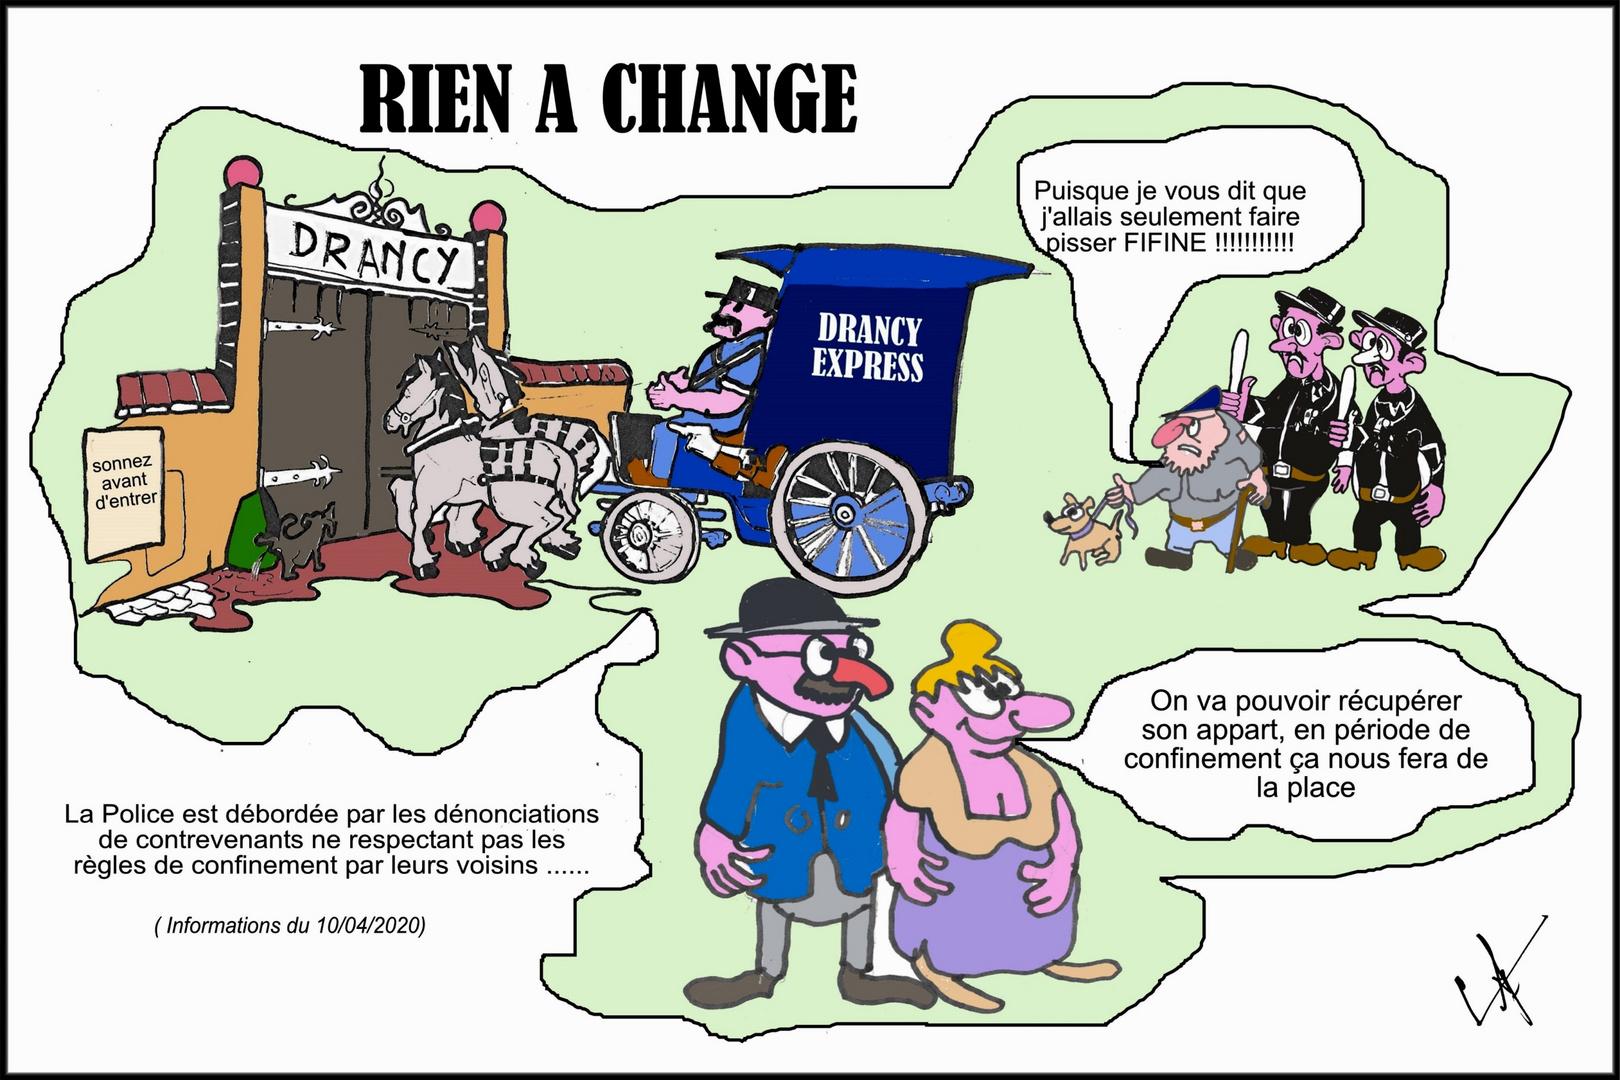 RIEN A CHANGE